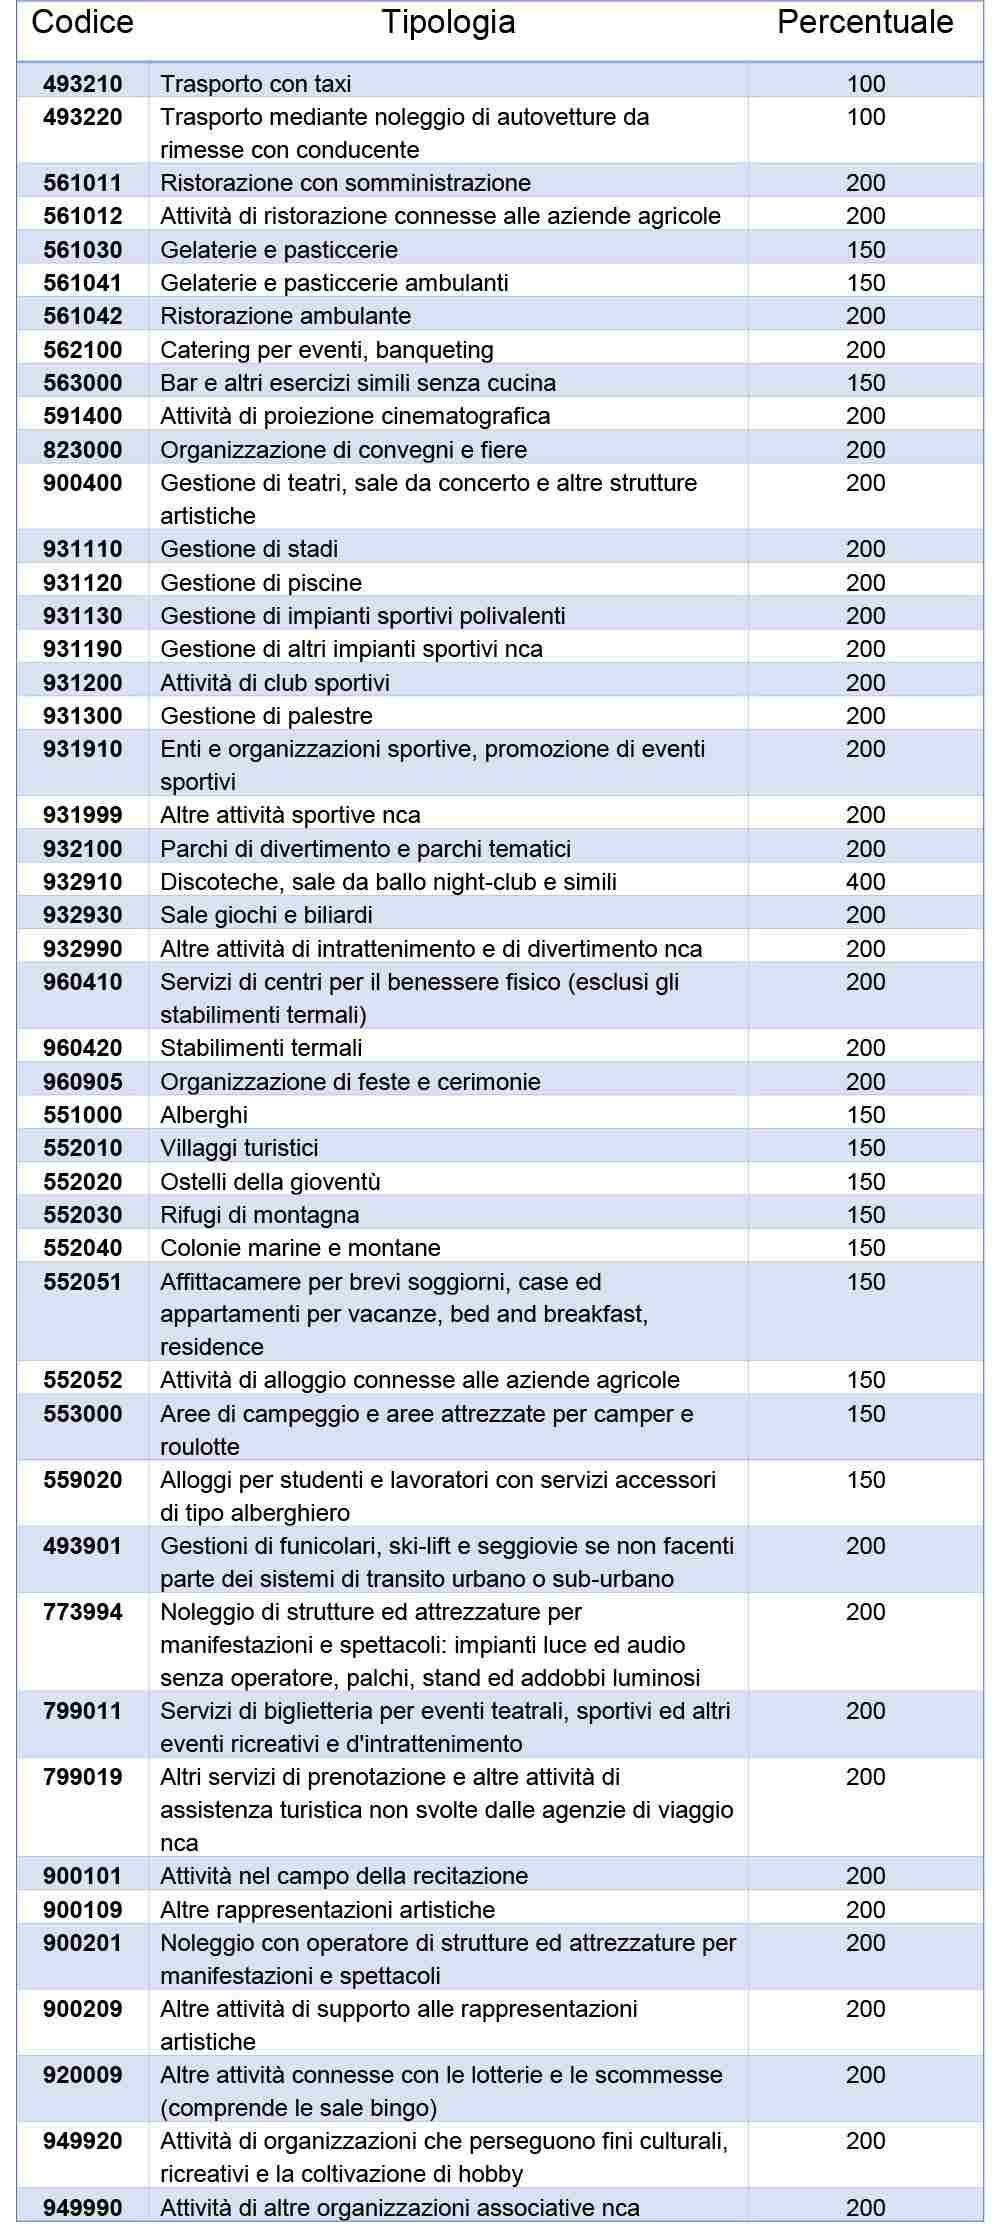 Immagine che mostra l'Allegato 1 del decreto Ristori con la tabella delle attività ammesse ai finanziamenti a fondo perduto